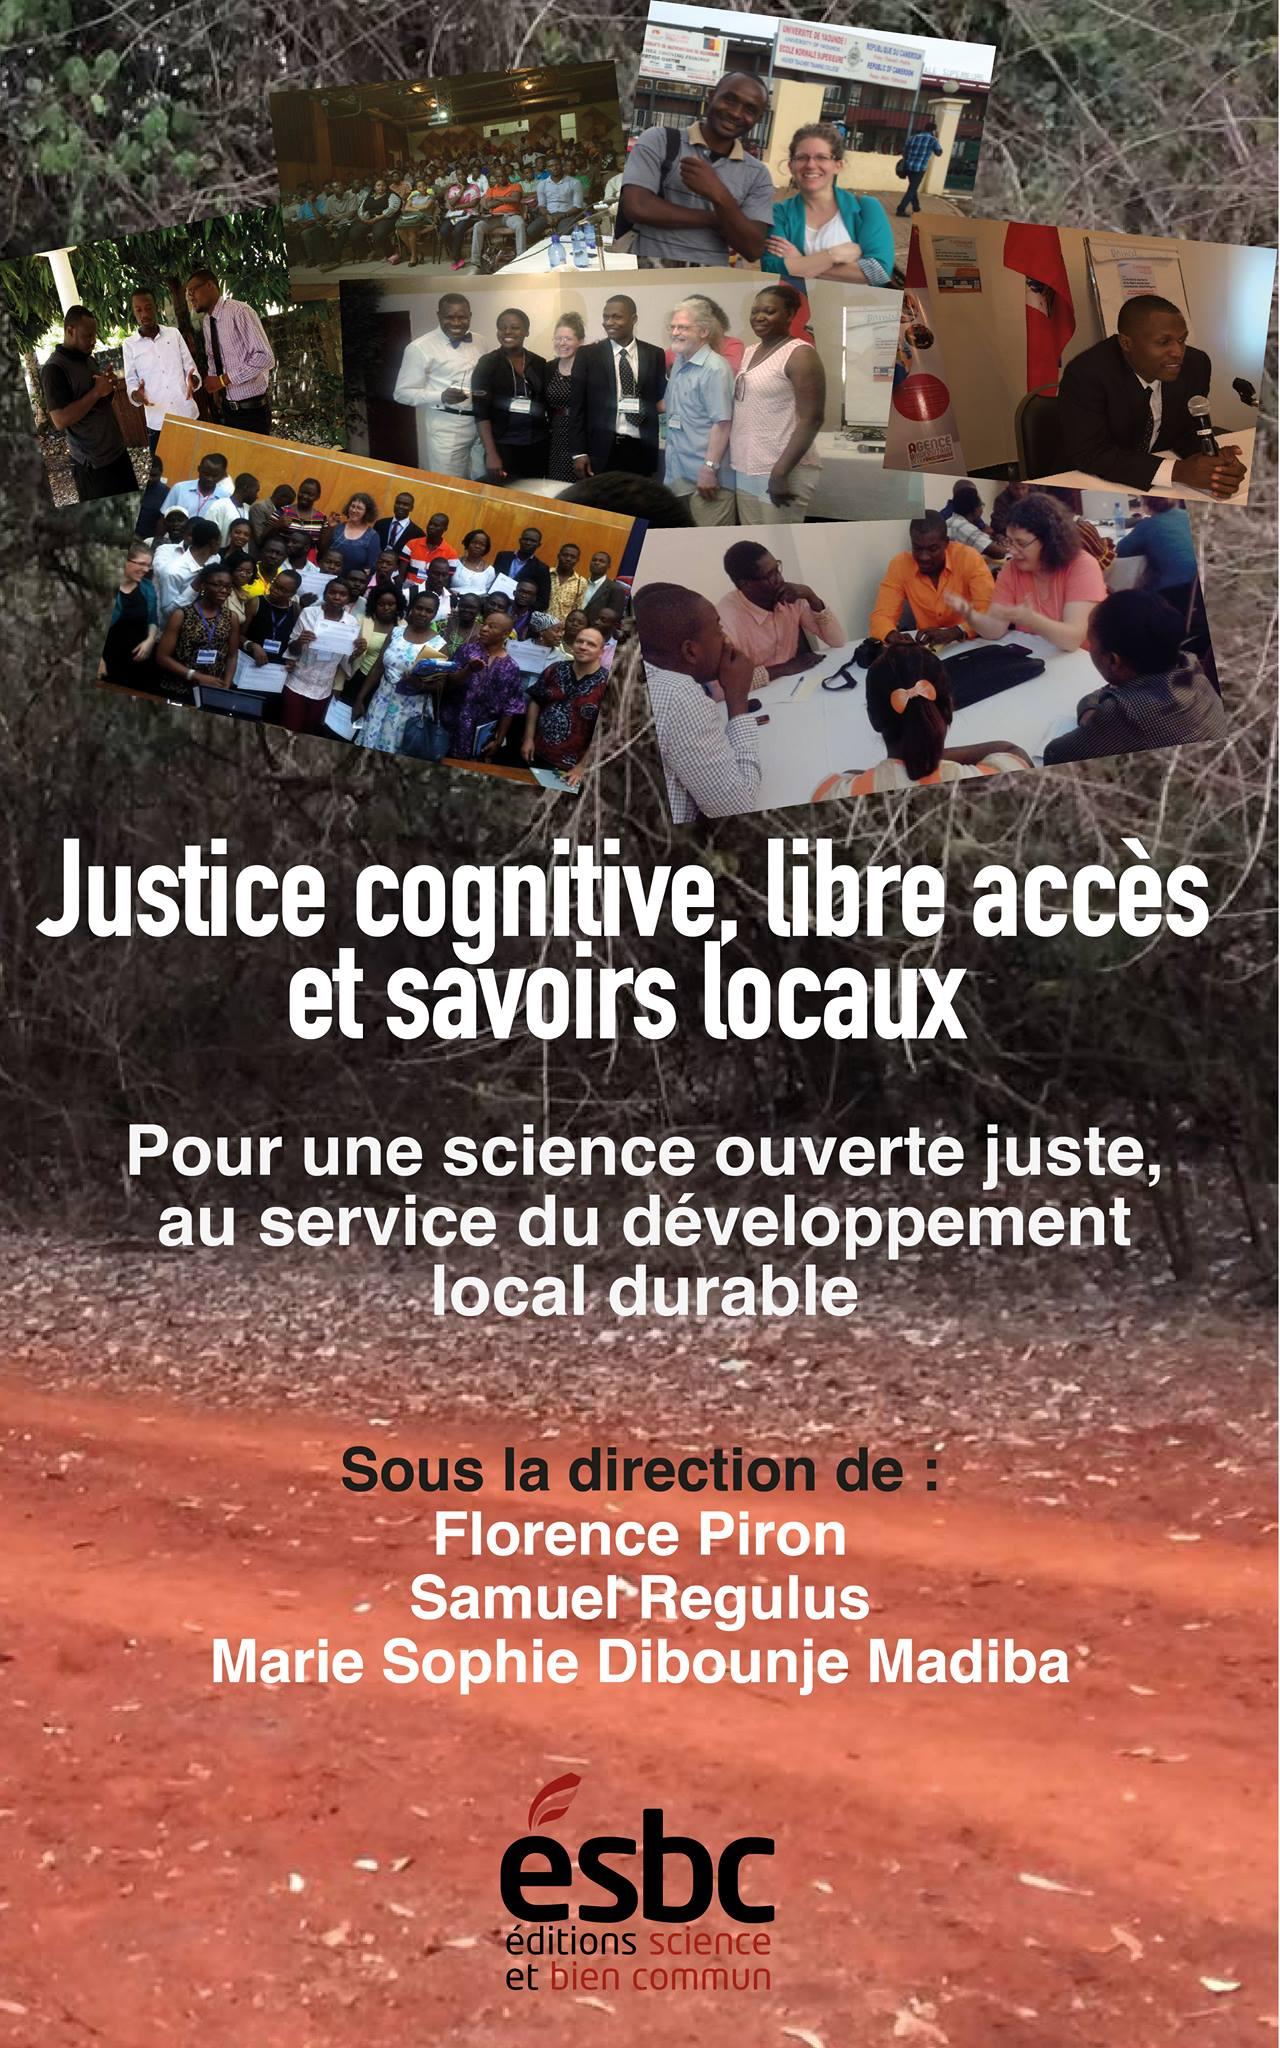 Justice cognitive, libre accès et savoirs locaux